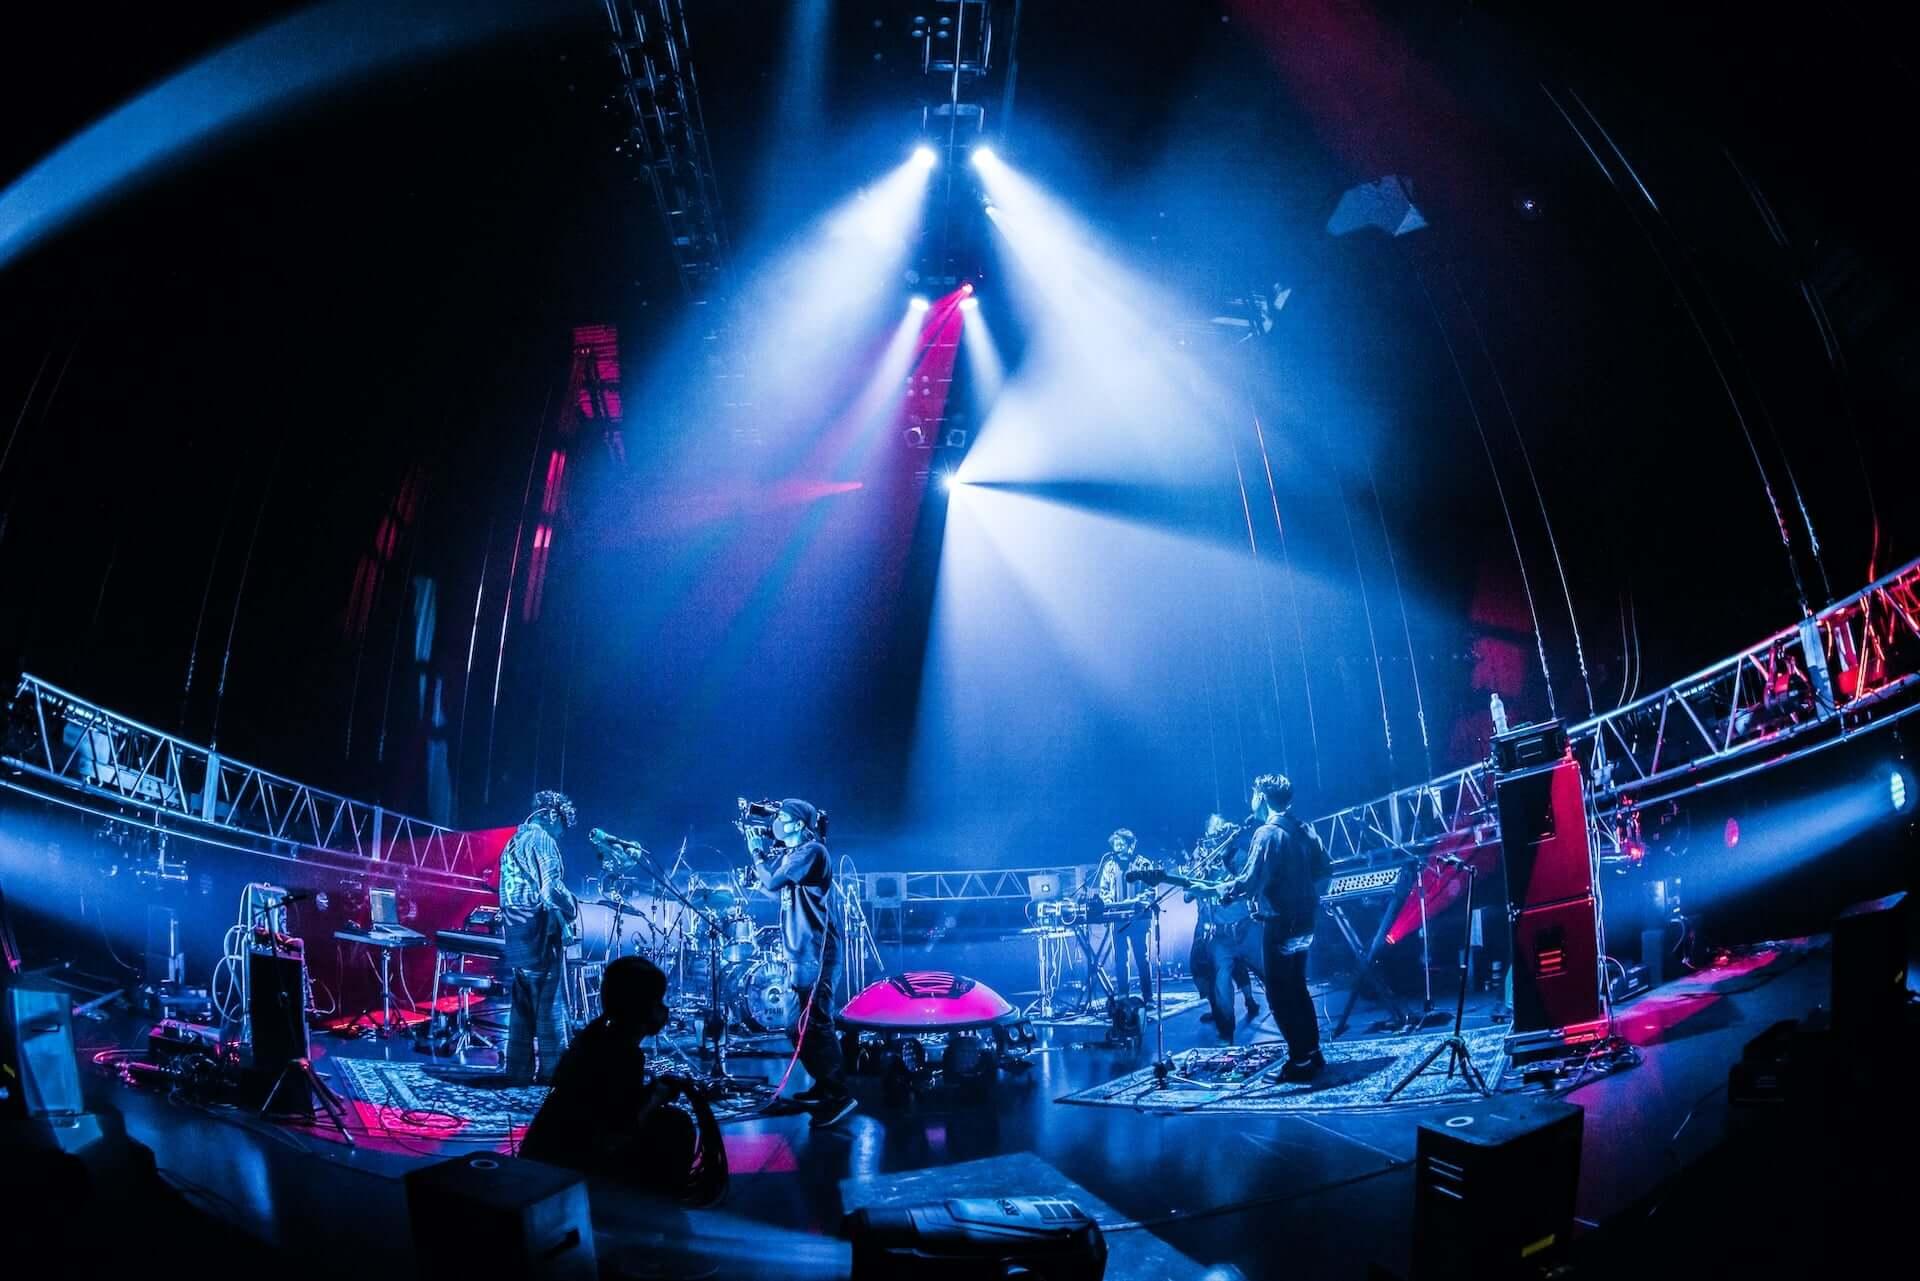 King Gnuがバンド初の配信ライブ<King Gnu Streaming Live>を実施!ライブレポートが到着 music200831_kinggnu-live_3-1920x1281